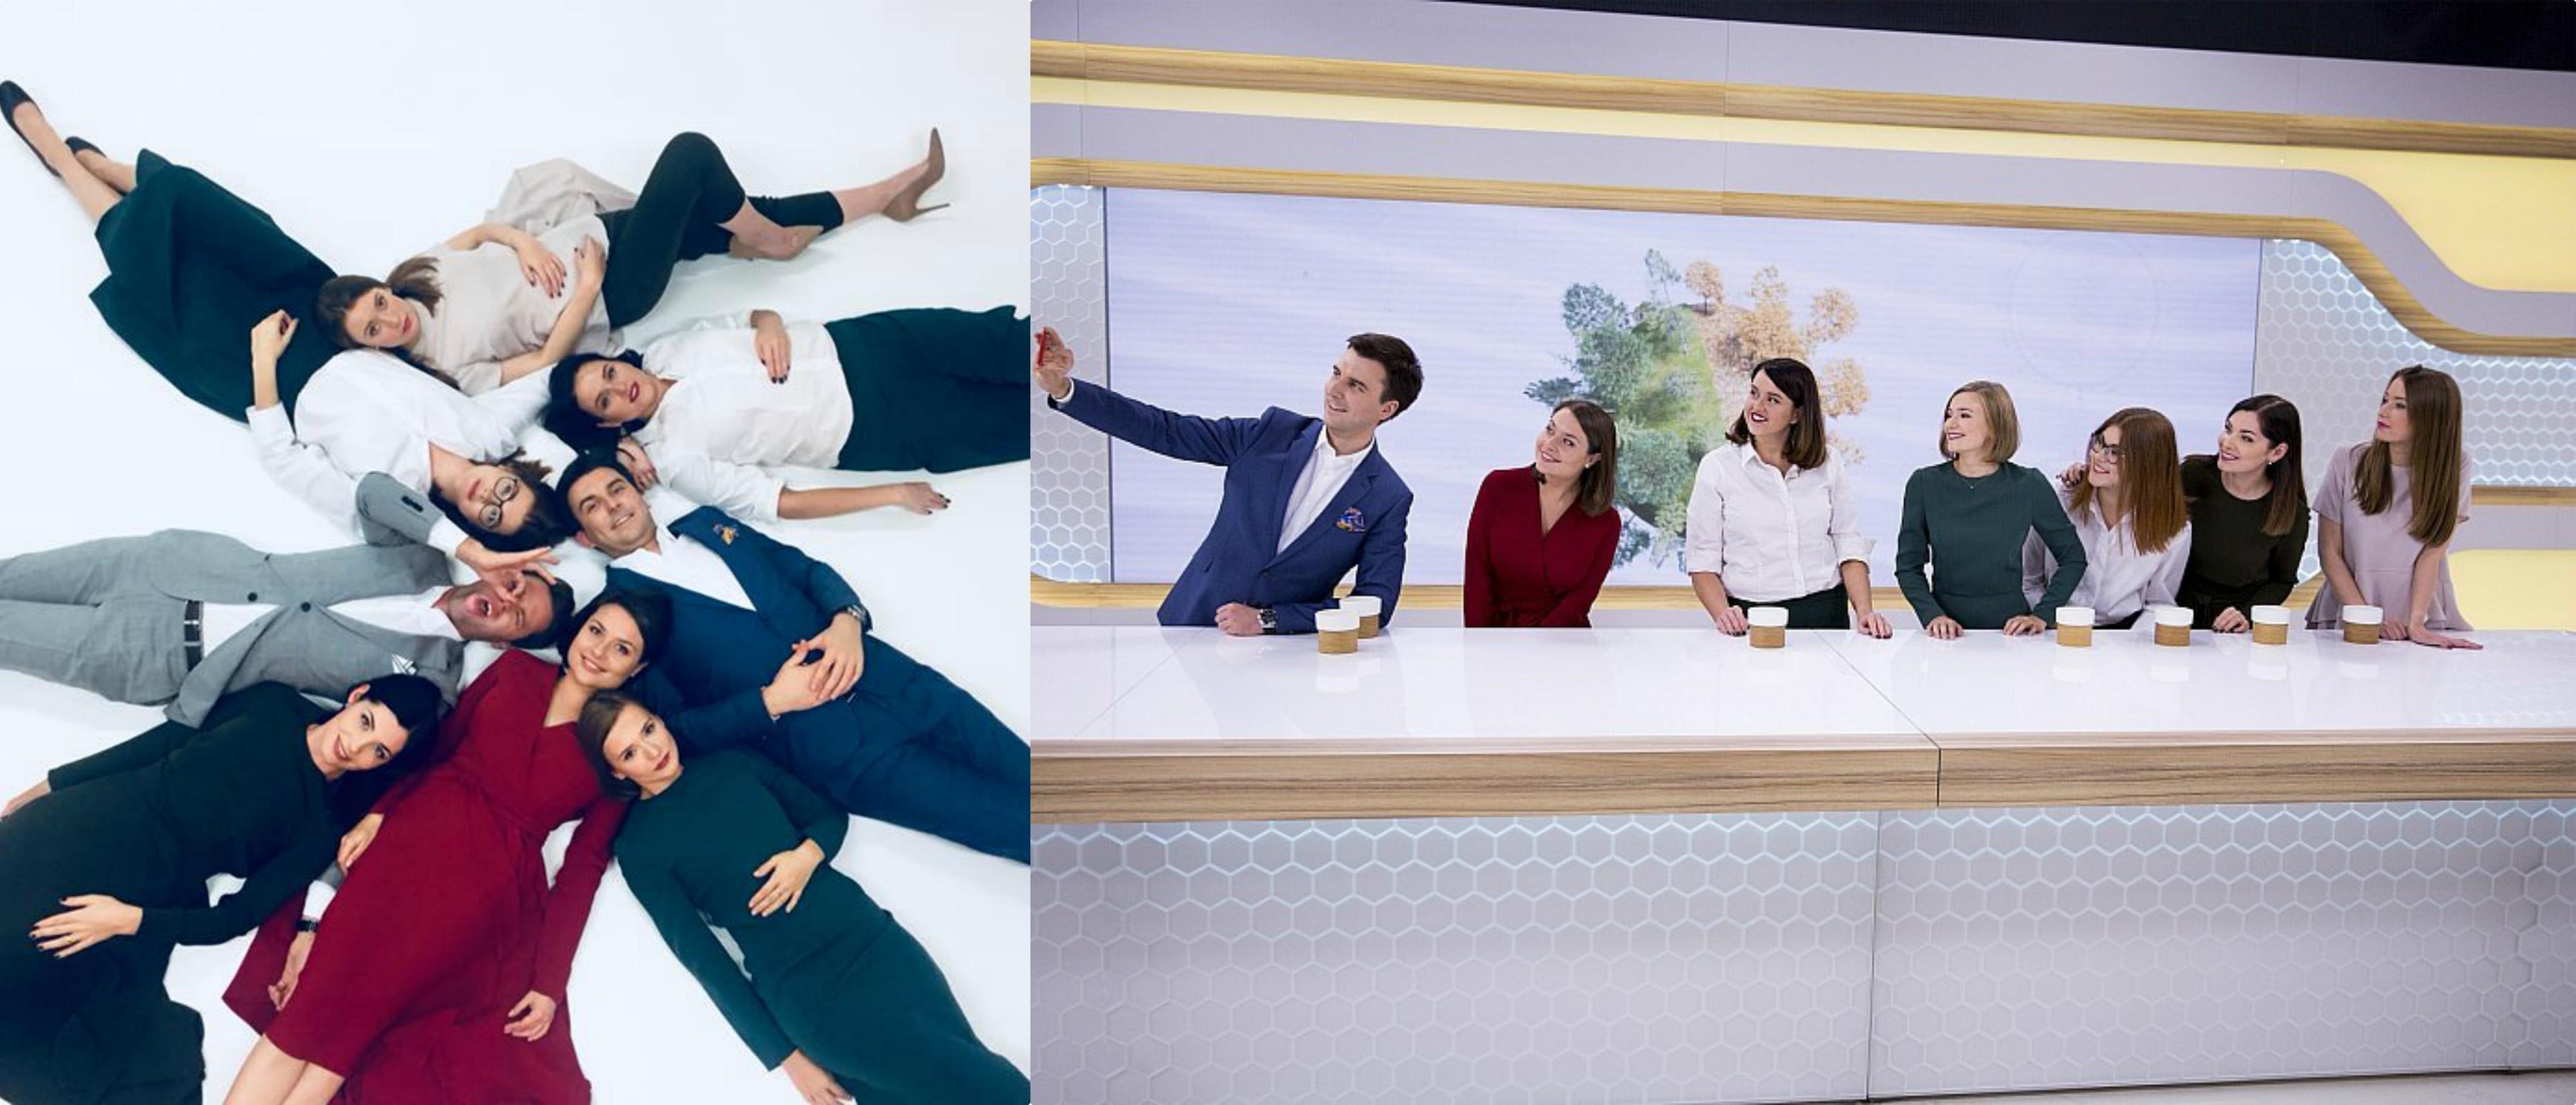 """LRT televizijos laida """"Labas rytas, Lietuva"""" švenčia 30 metų sukaktį. Asmeninio archyvo nuotr."""